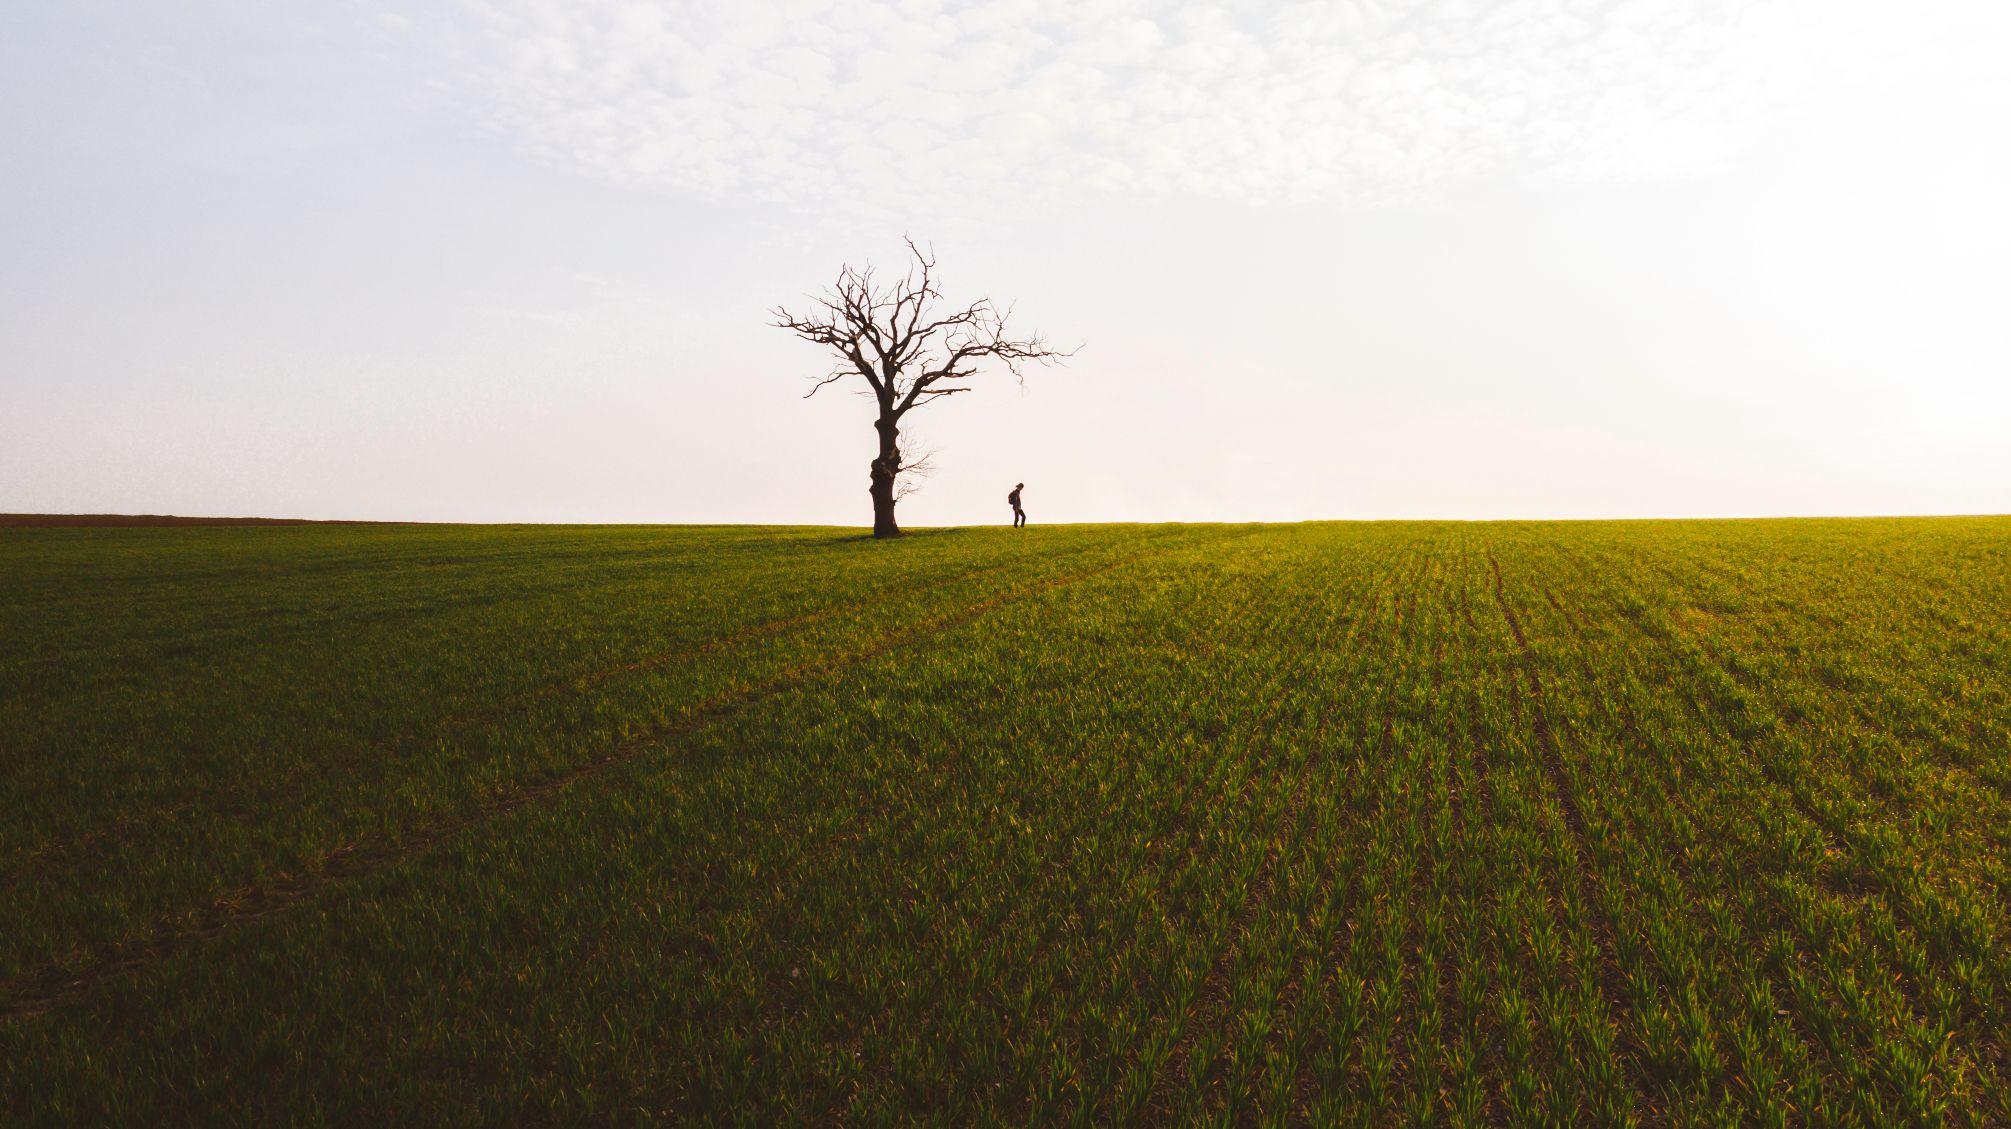 Single tree in a grassy field.